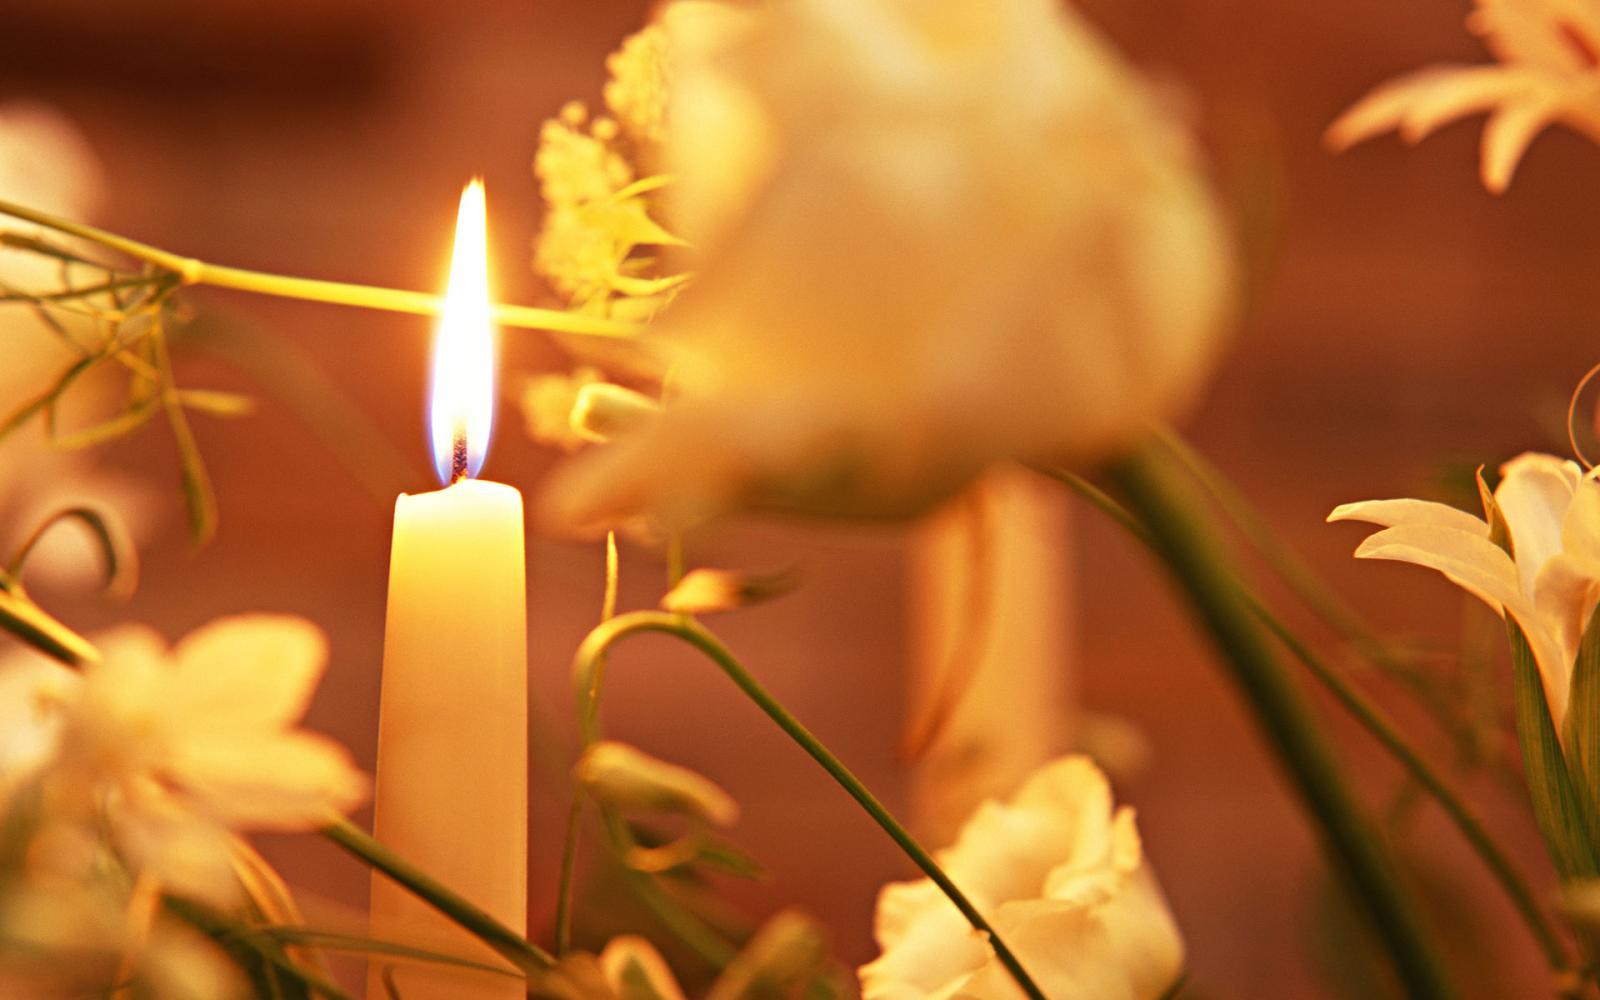 Упала свеча: приметы вцеркви